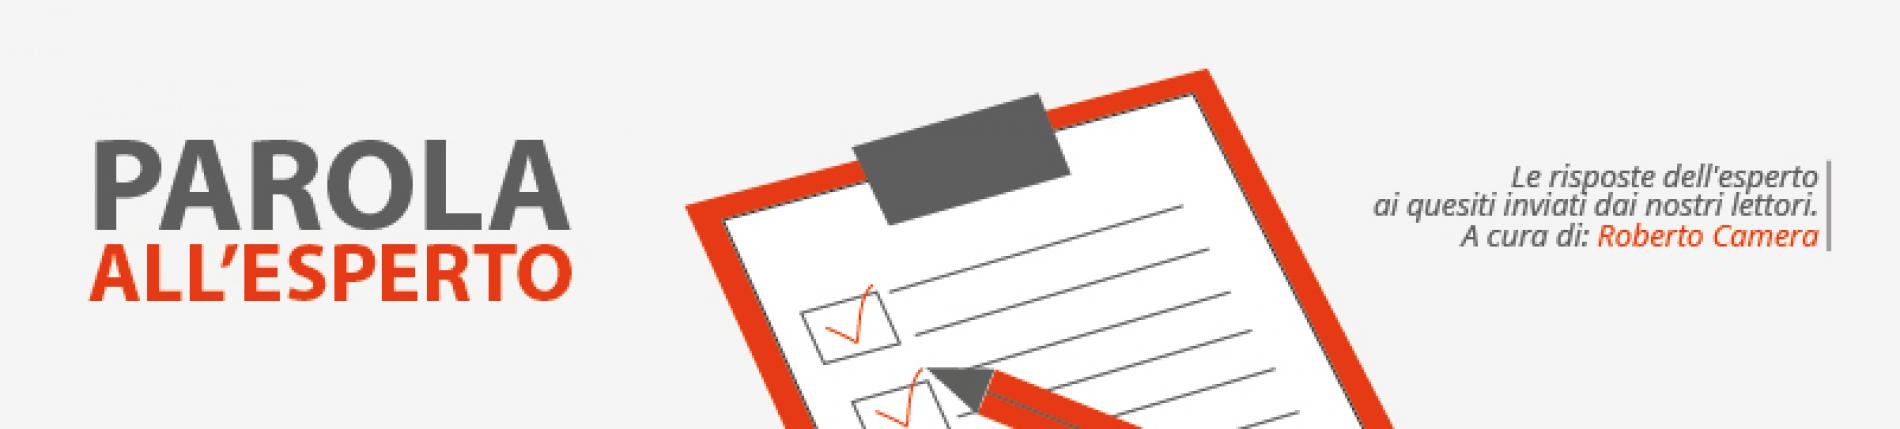 Entro quando va richiesto il rinnovo del permesso di soggiorno per lavoro?